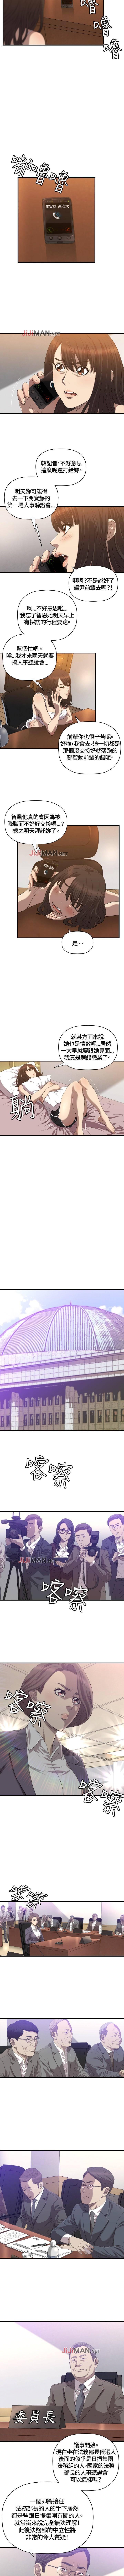 【已完结】索多玛俱乐部(作者:何藝媛&庫奈尼) 第1~32话 95